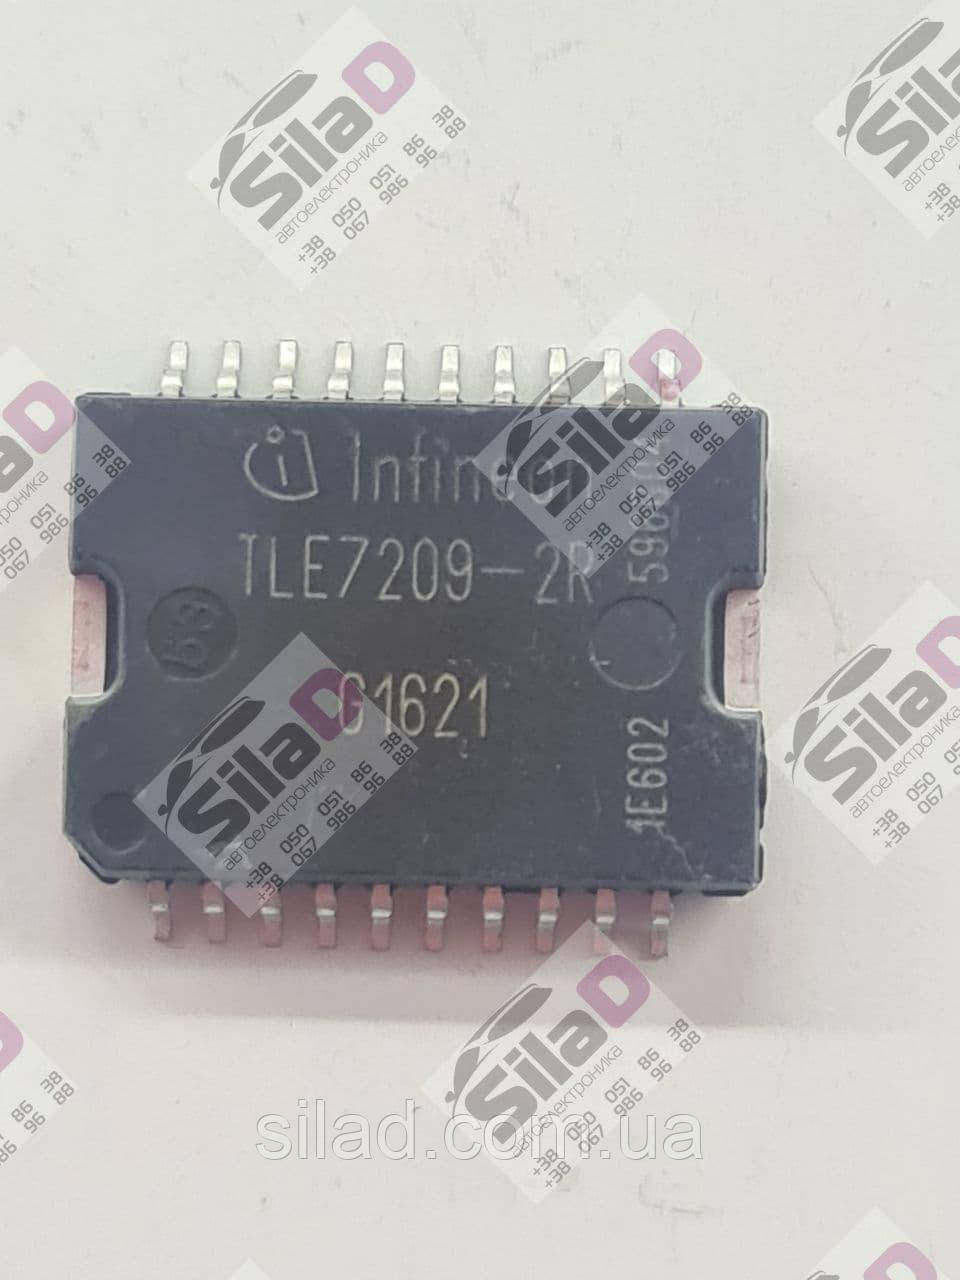 Микросхема TLE7209-2R Infineon корпус P-DSO-20-12